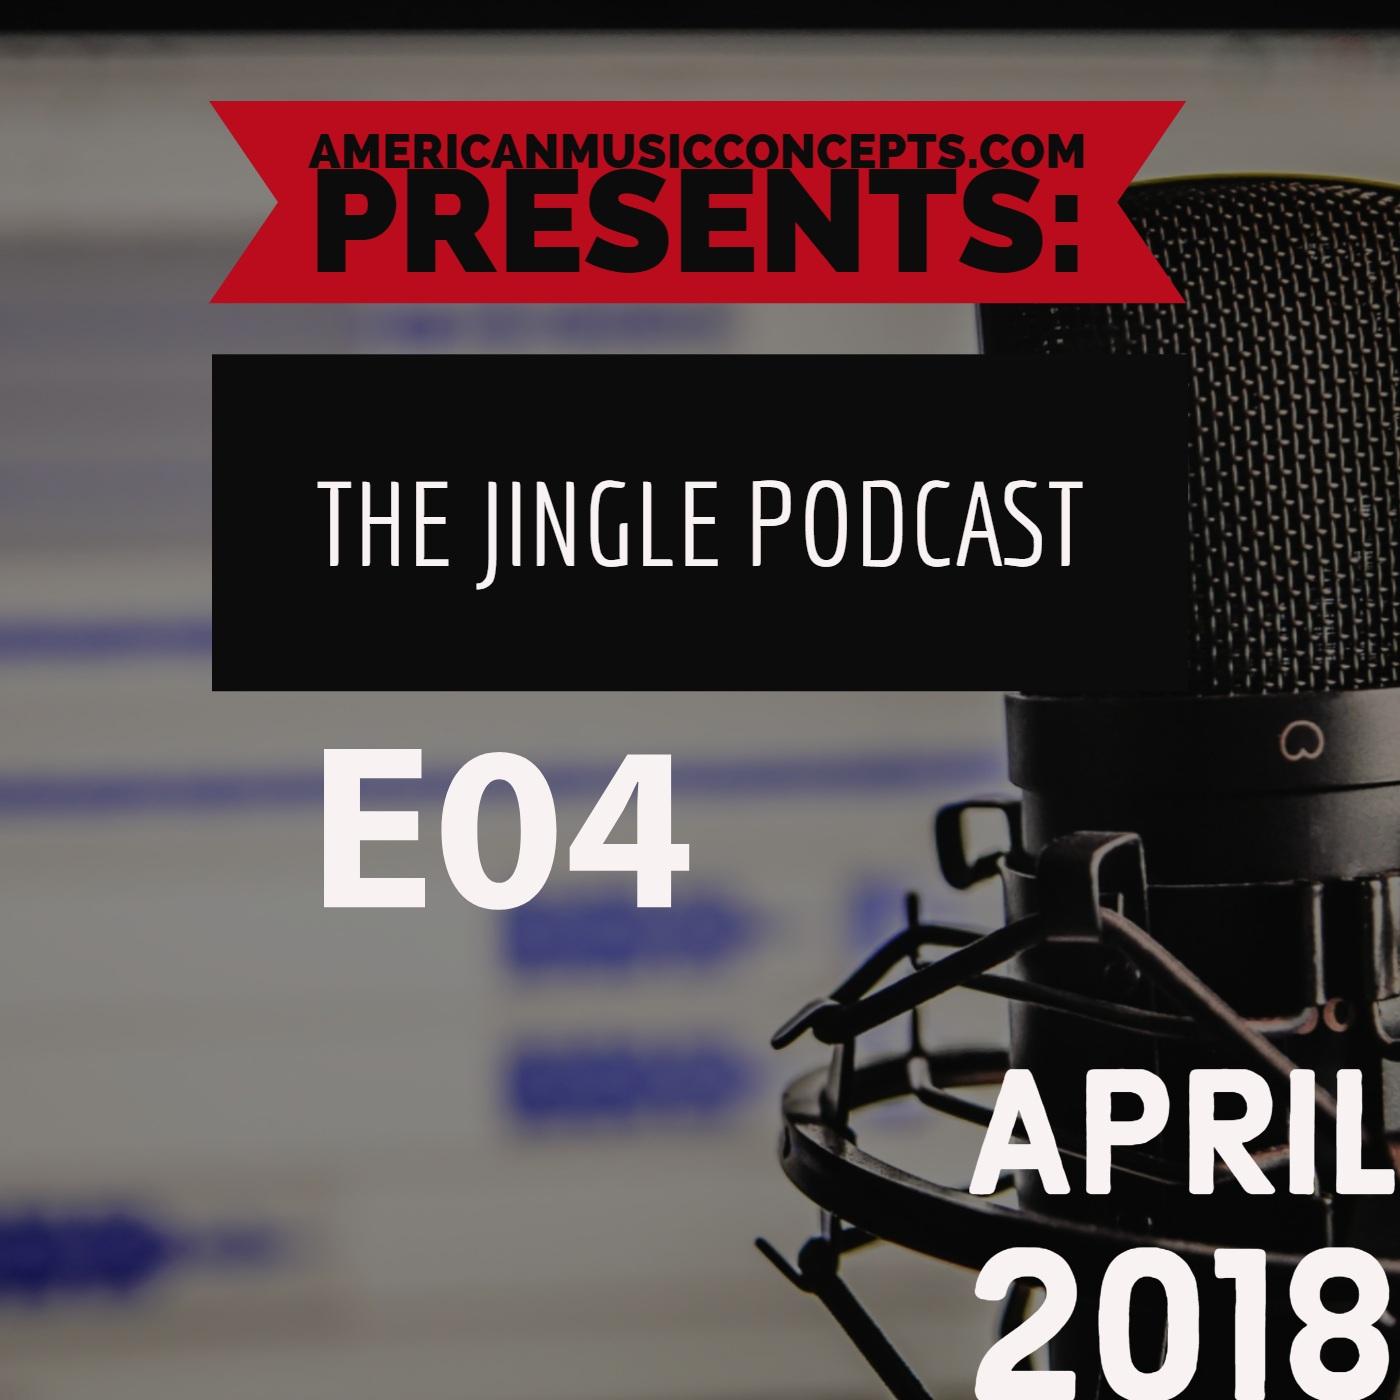 The Jingle Podcast - E04 - April 2018